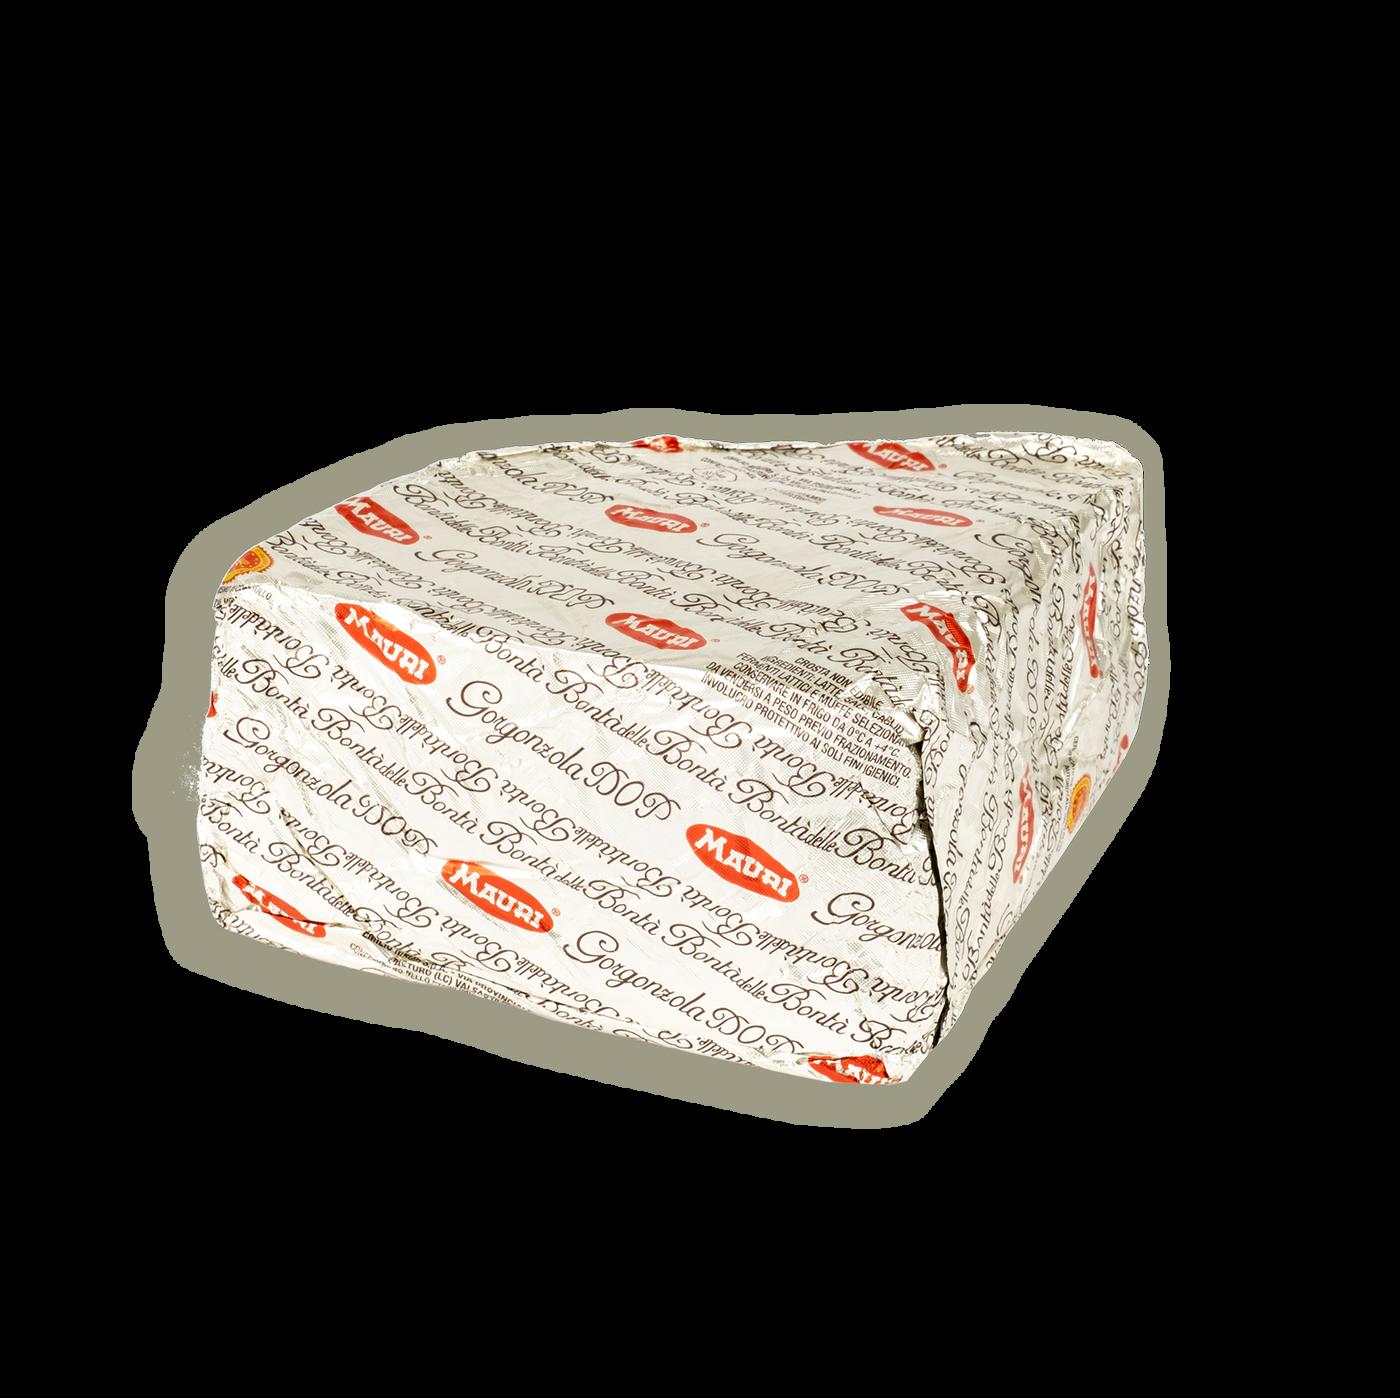 Gorgonzola Plata Dop